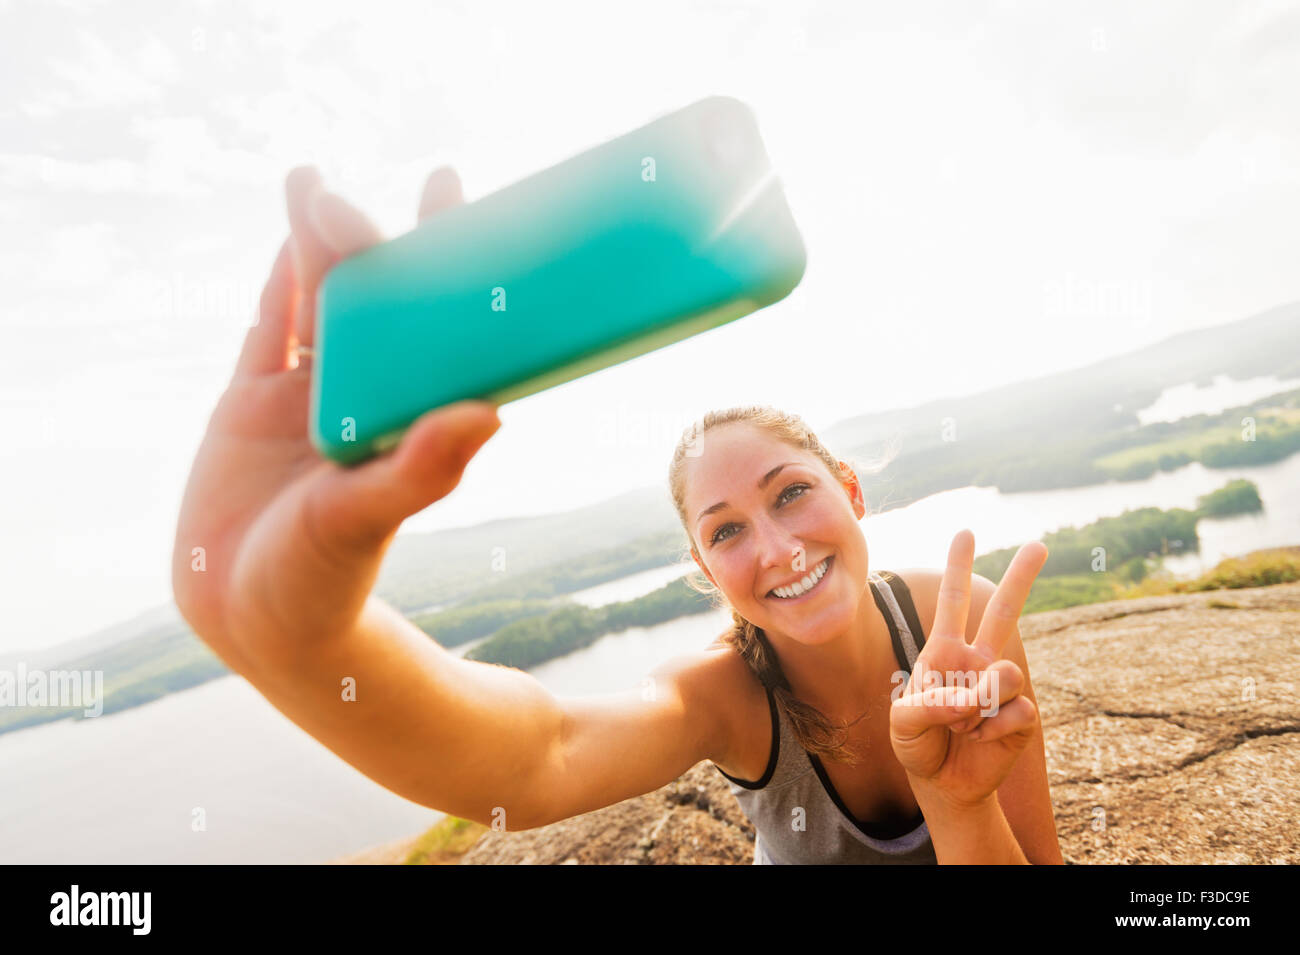 Jeune femme prenant sur Smartphone selfies Banque D'Images